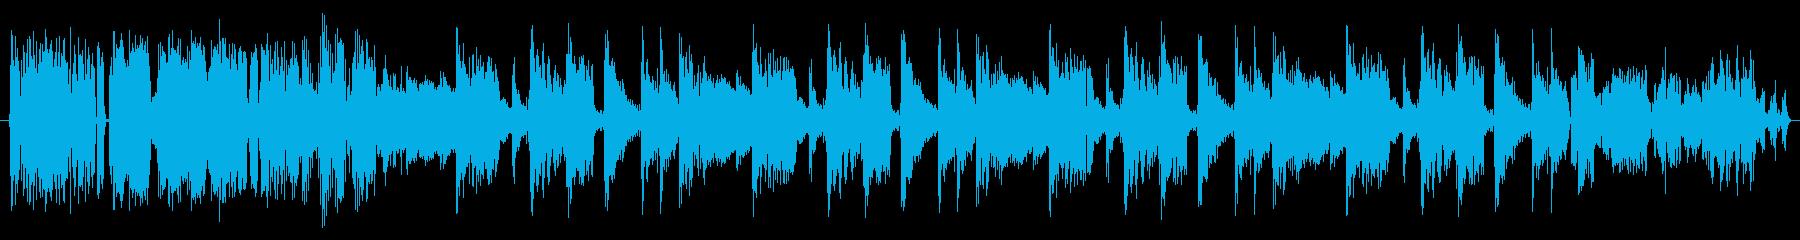 より多くの音楽の再生済みの波形